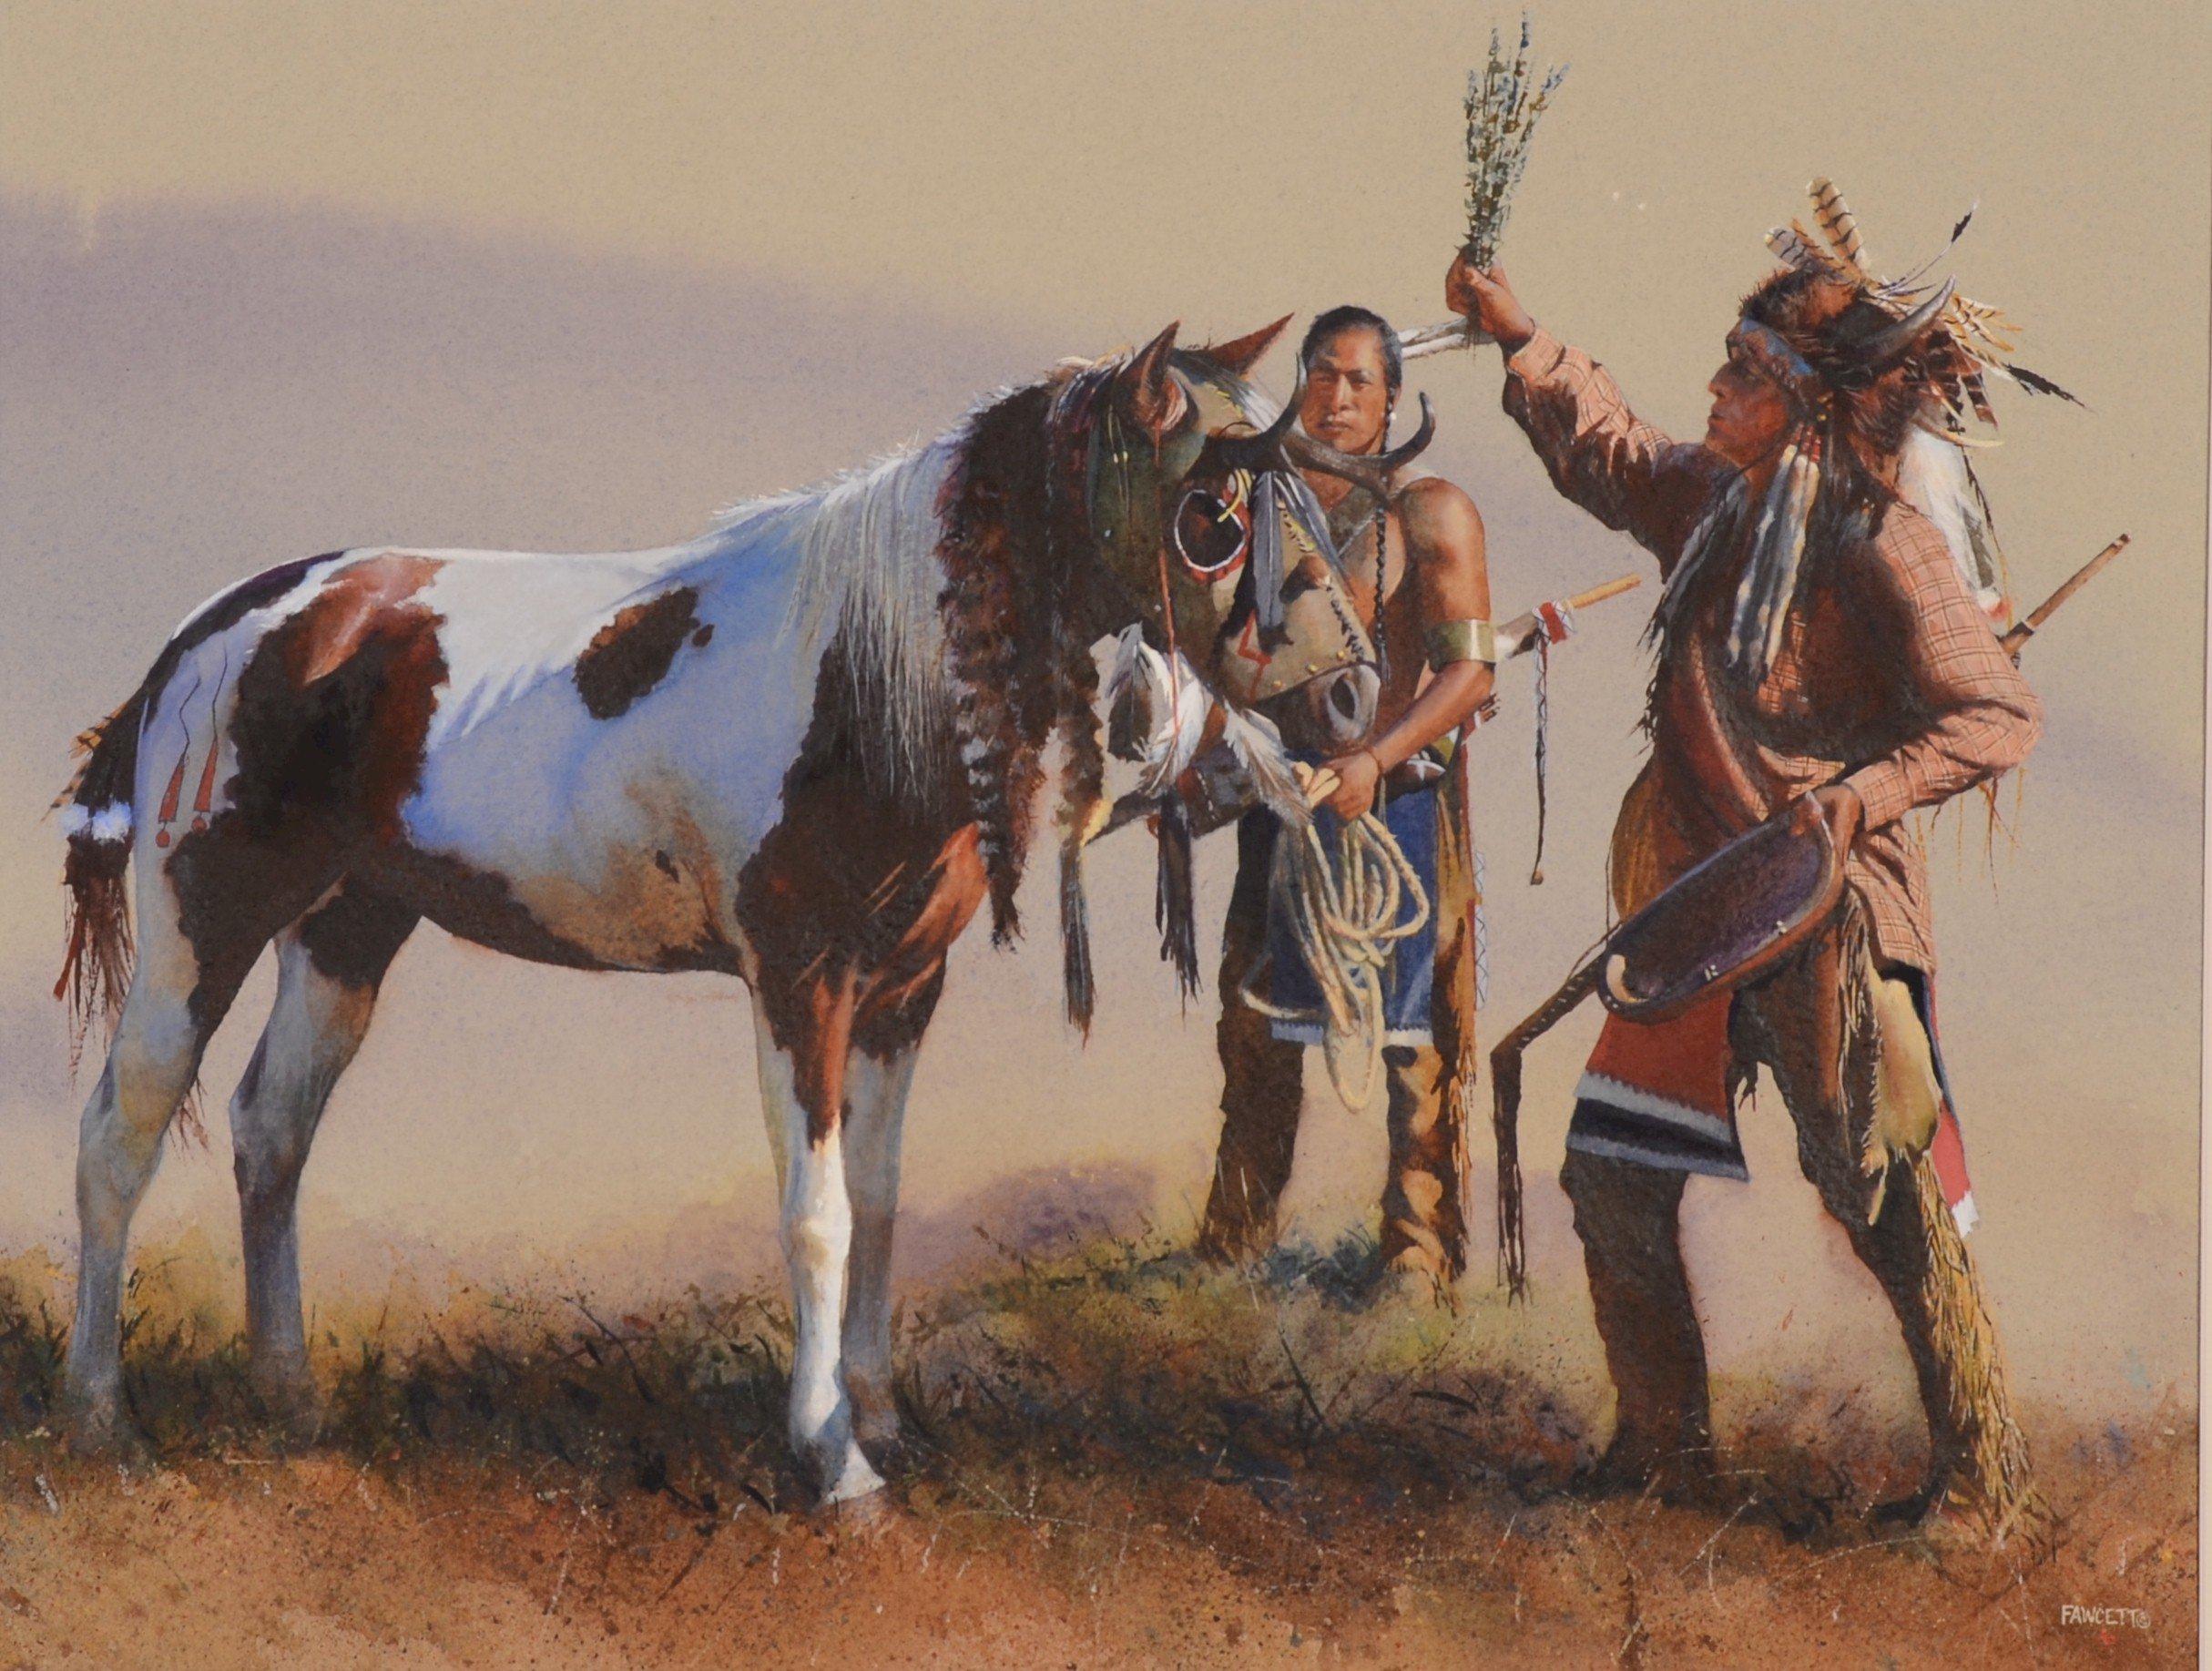 Indian Horse Wallpaper - WallpaperSafari